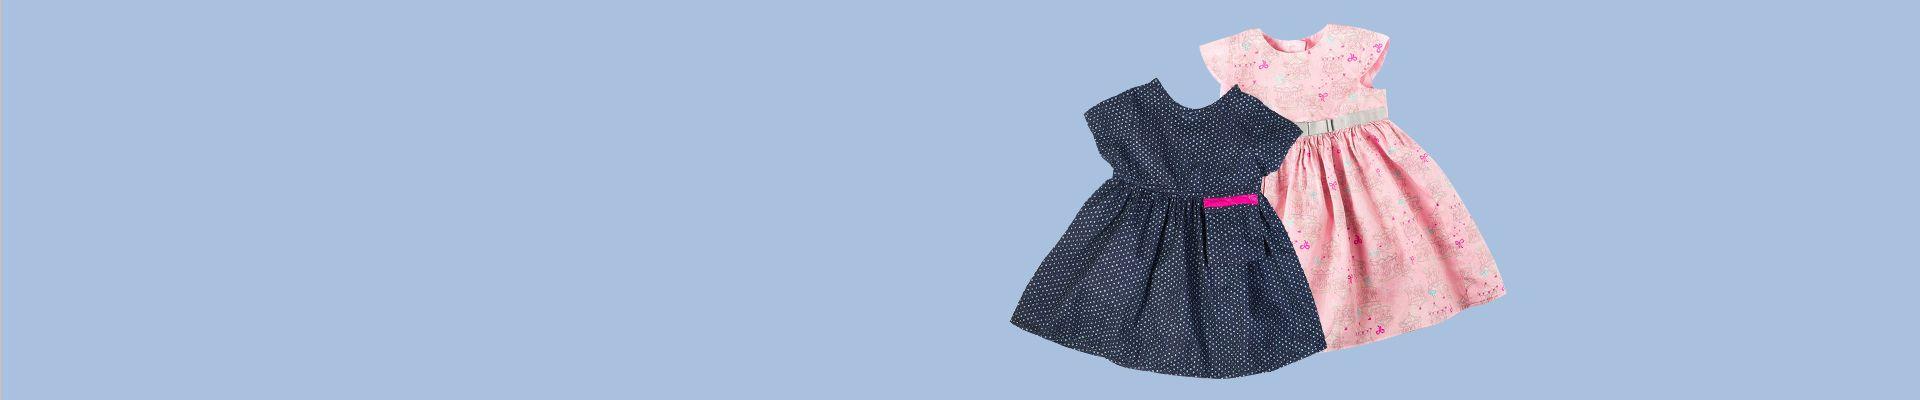 Beli dress anak berkualitas dengan harga murah dan berkualitas mulai dari berbagai model branded, lucu, cantik atasan/bawahan modern murah, terbaru di KindleCup, belanja nyaman jaminan uang kembali 100% dan pengiriman cepat.